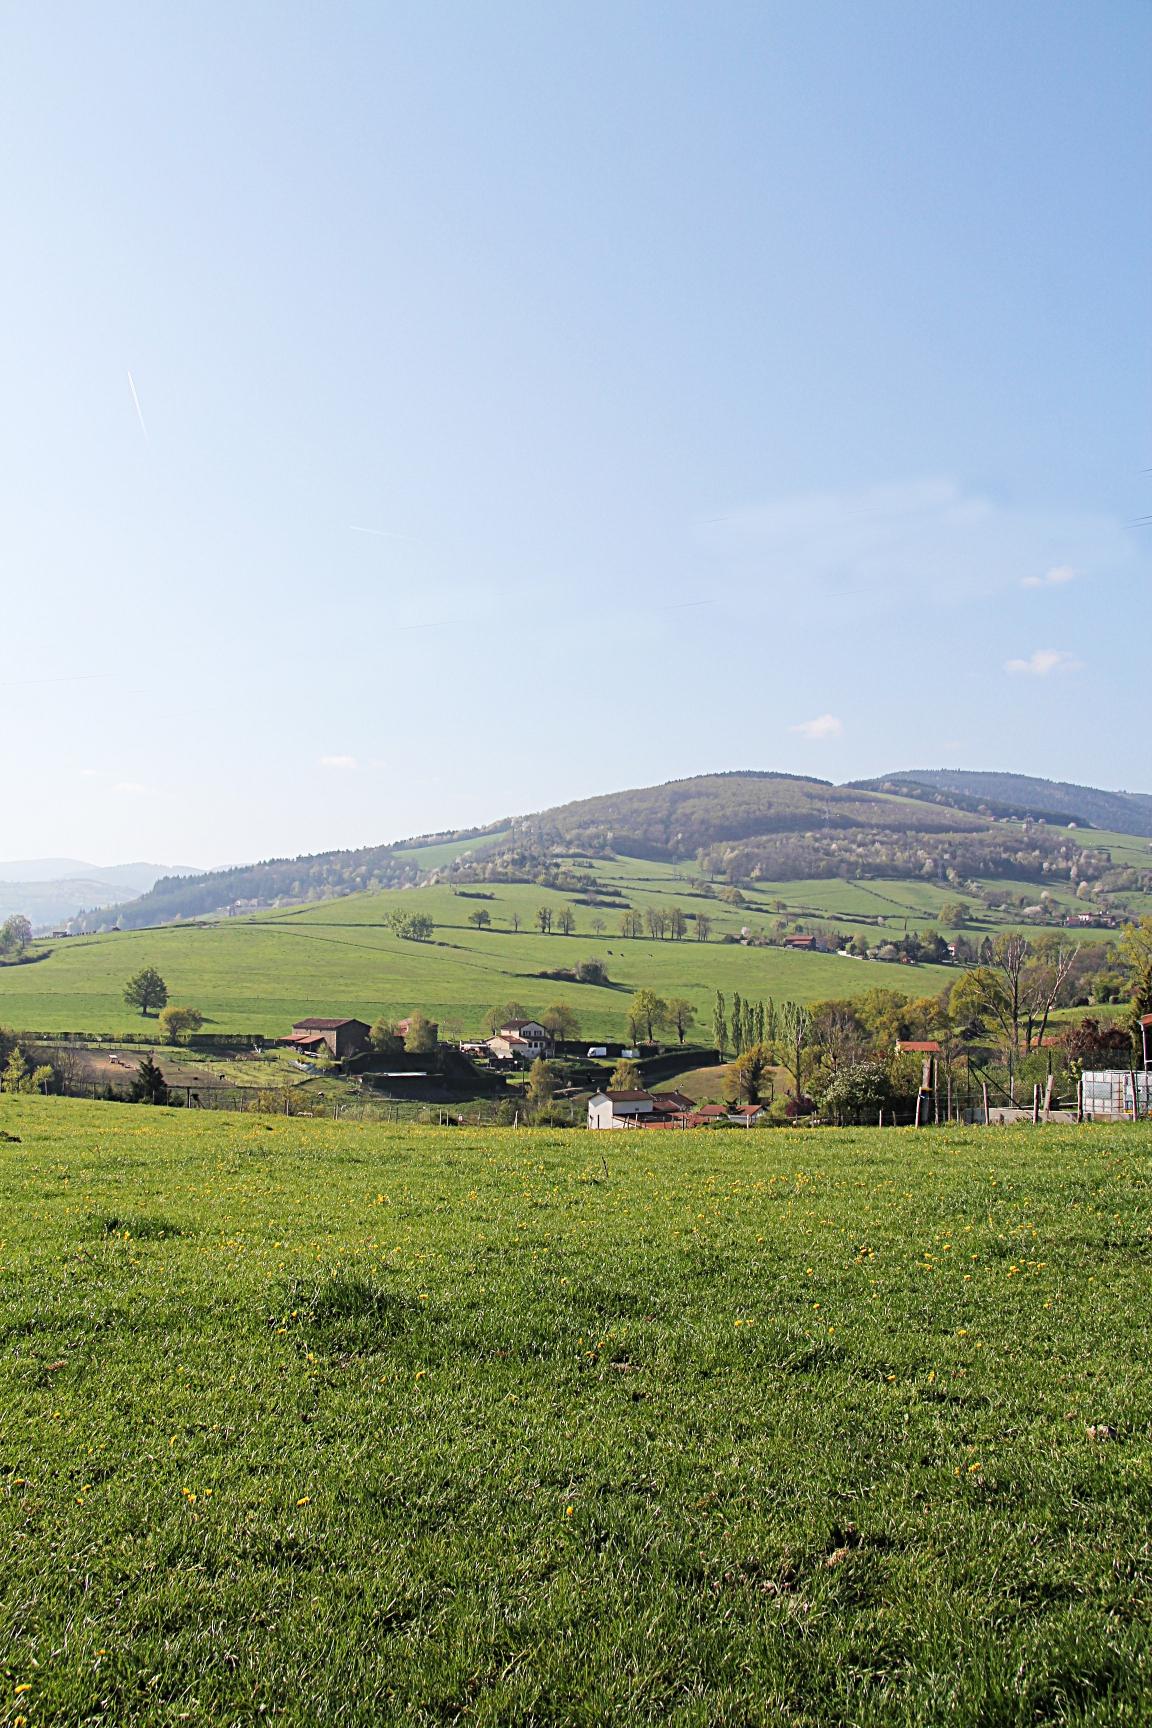 Annonce vente terrain saint chamond 42400 350 m 72 400 992729885443 - Saint chamond 42400 ...